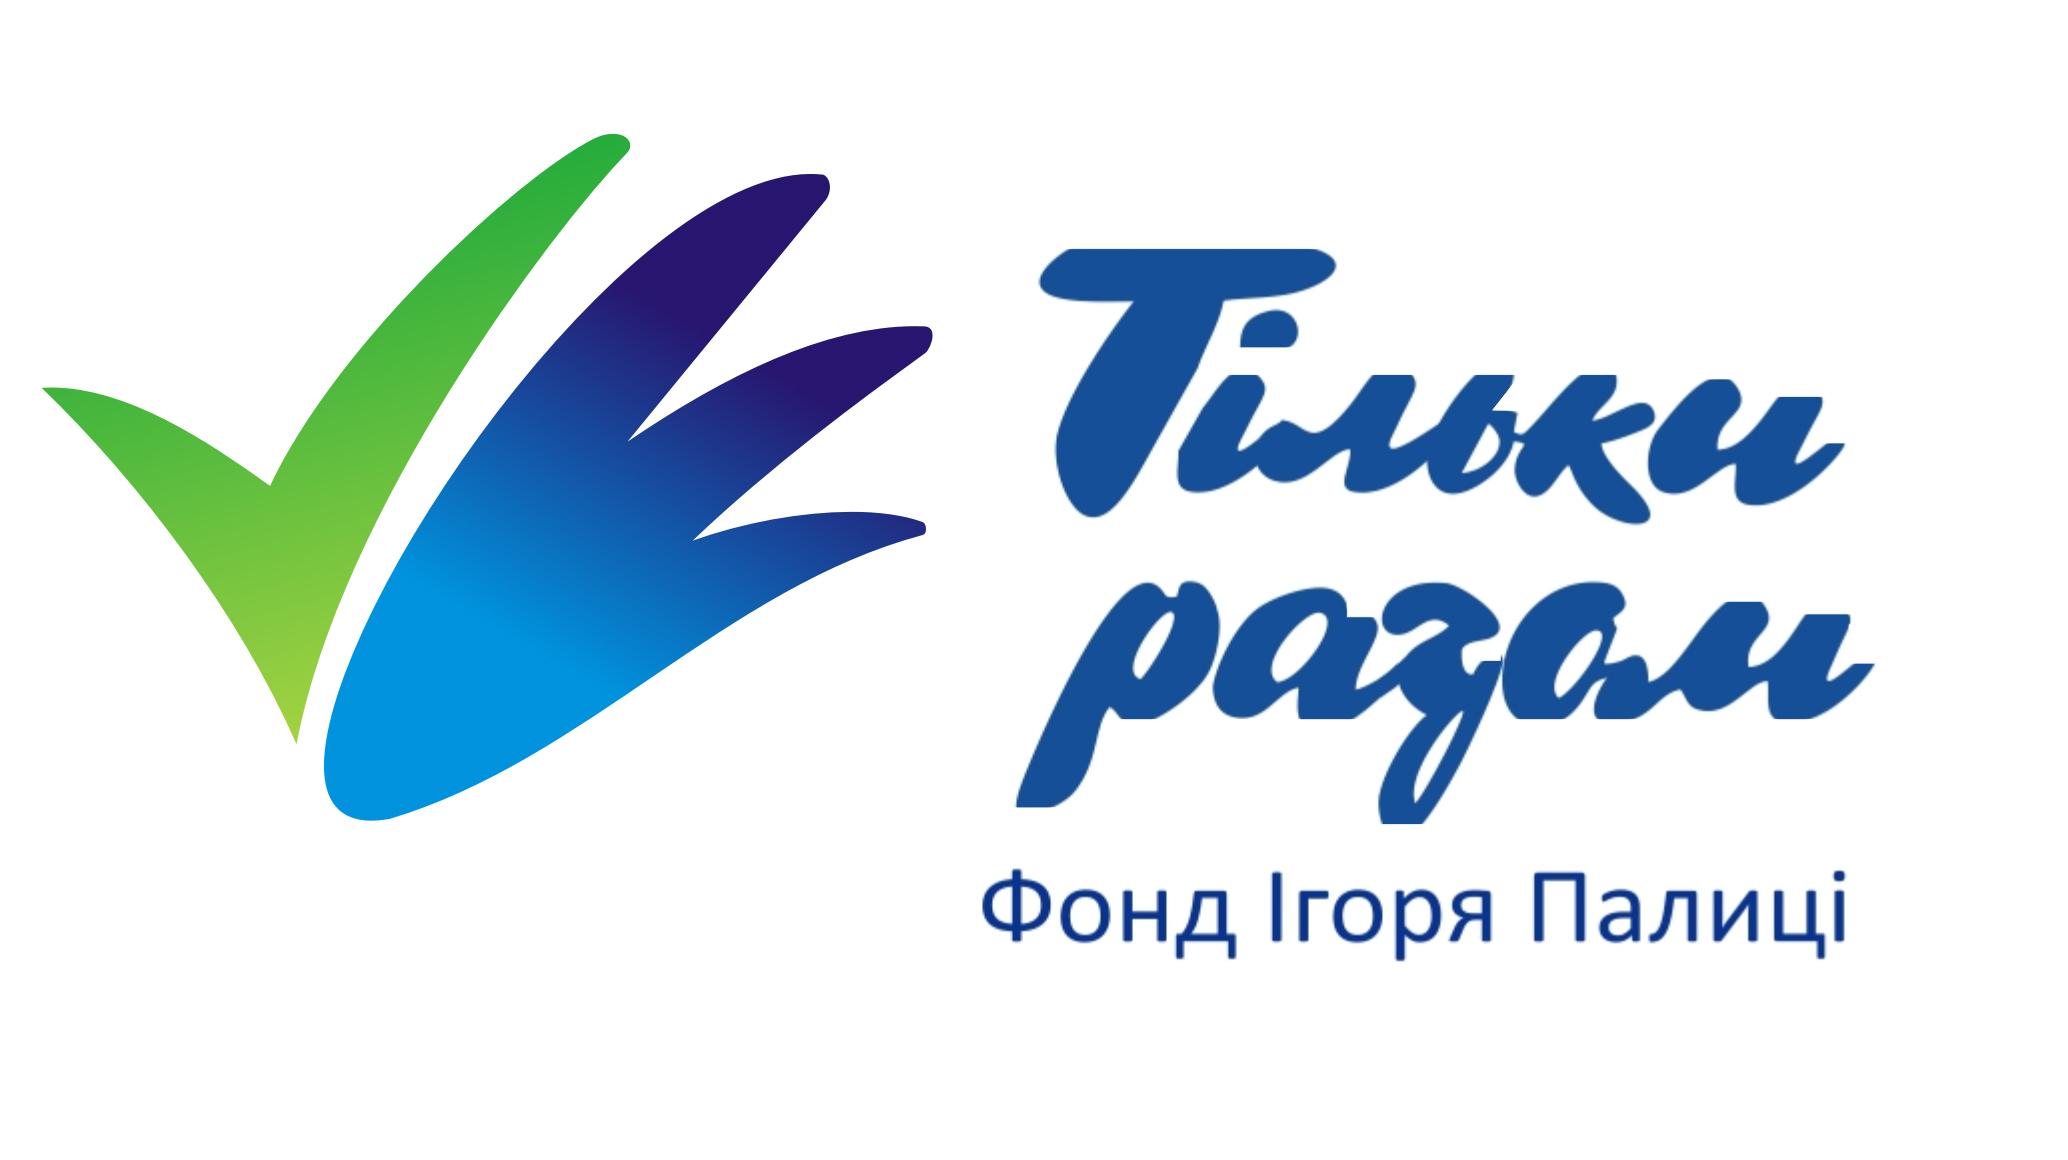 Фонд Ігоря Палиці